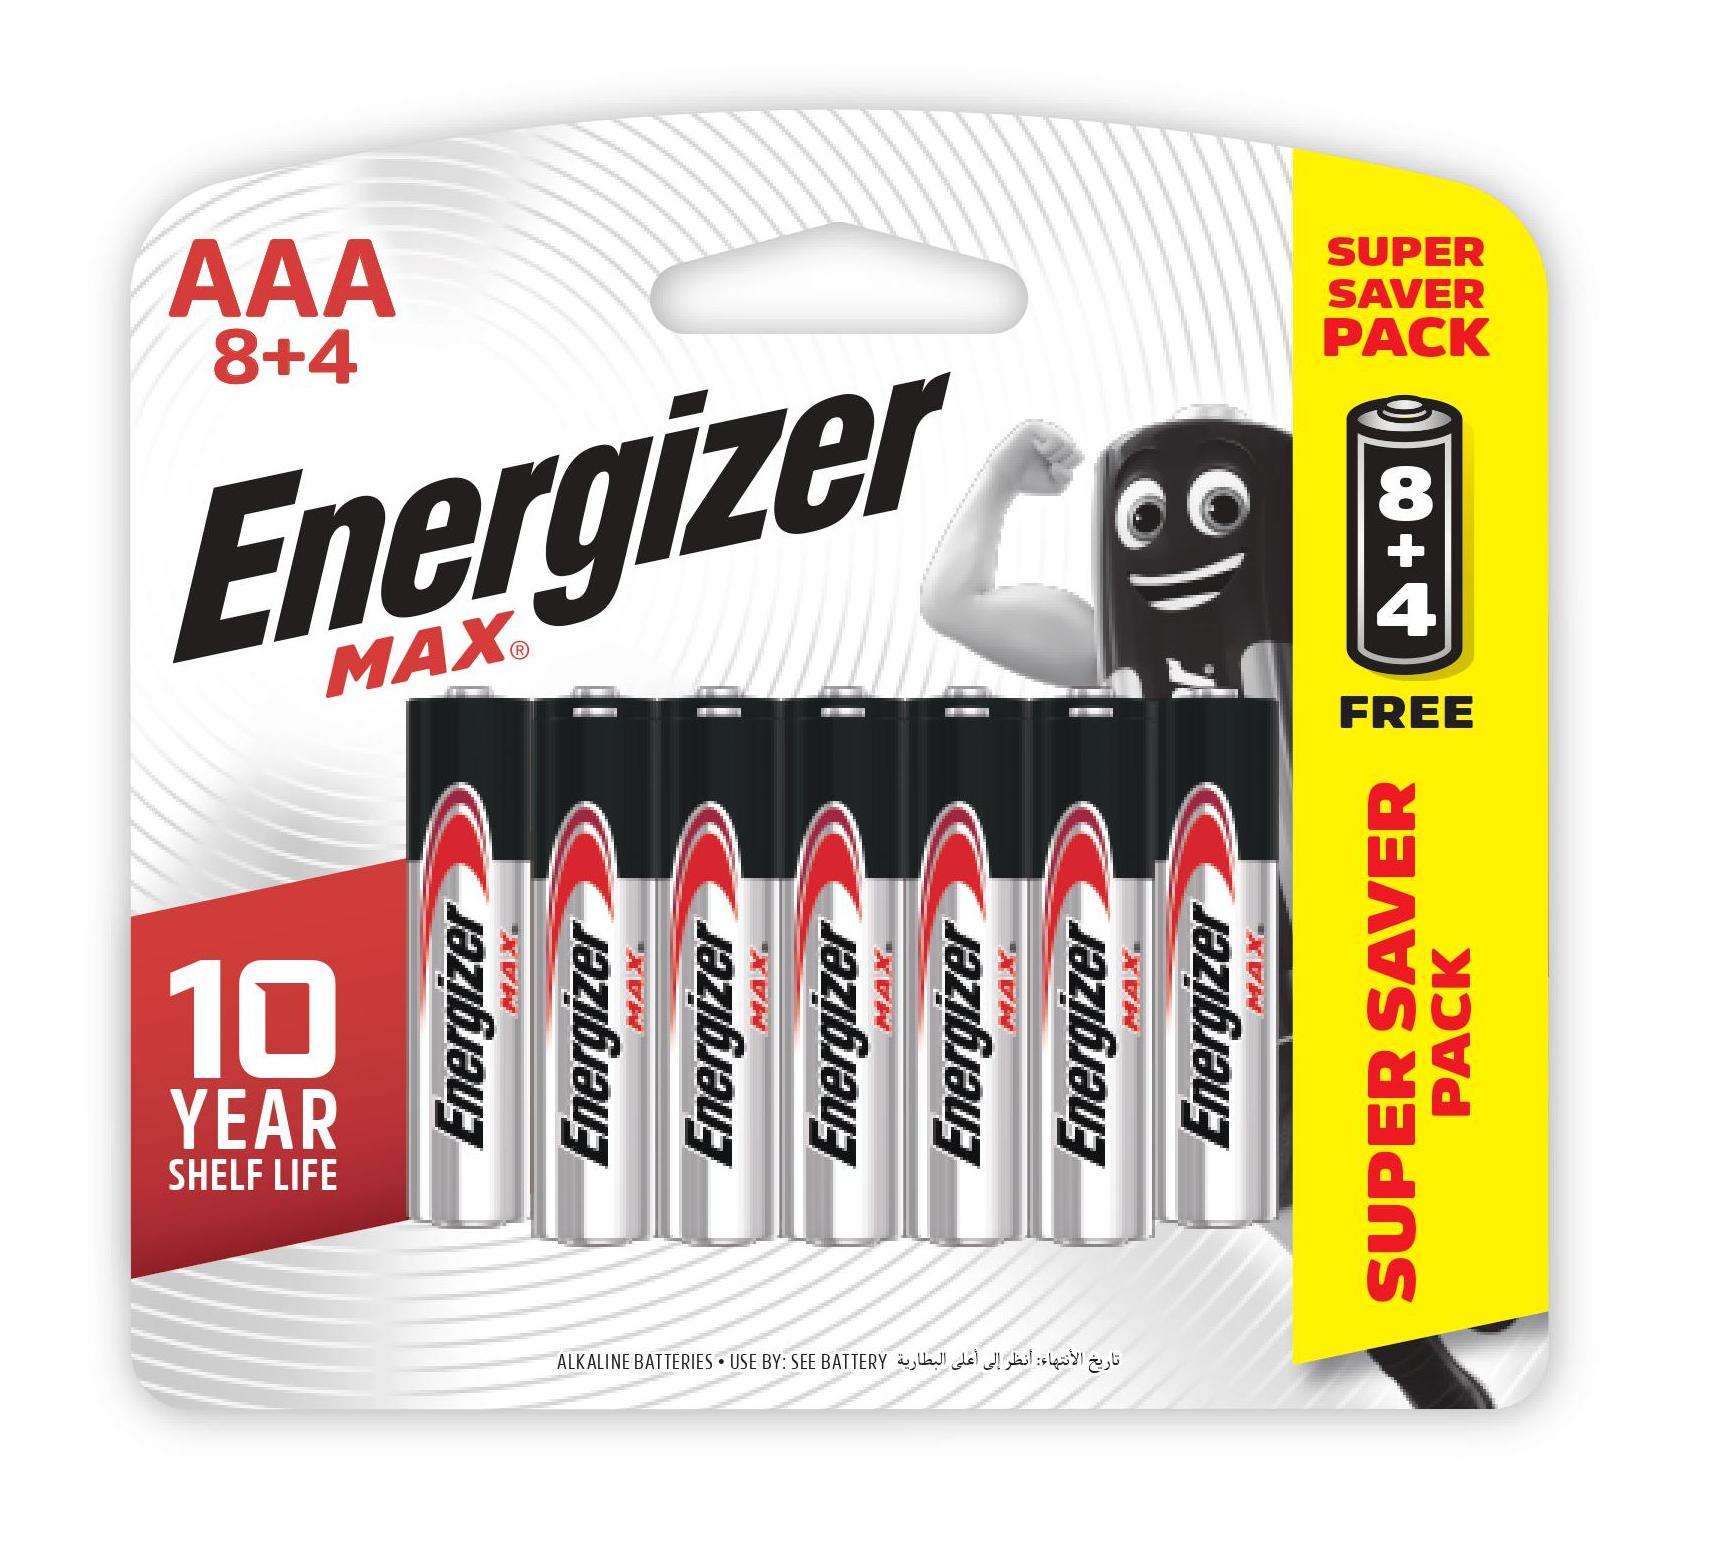 Pin Energizer Max AAA E92 BP8+4, để xa tầm tay của trẻ em, pin kiềm, hiệu điện thế 1,5V, thay pin cùng lúc cùng loại